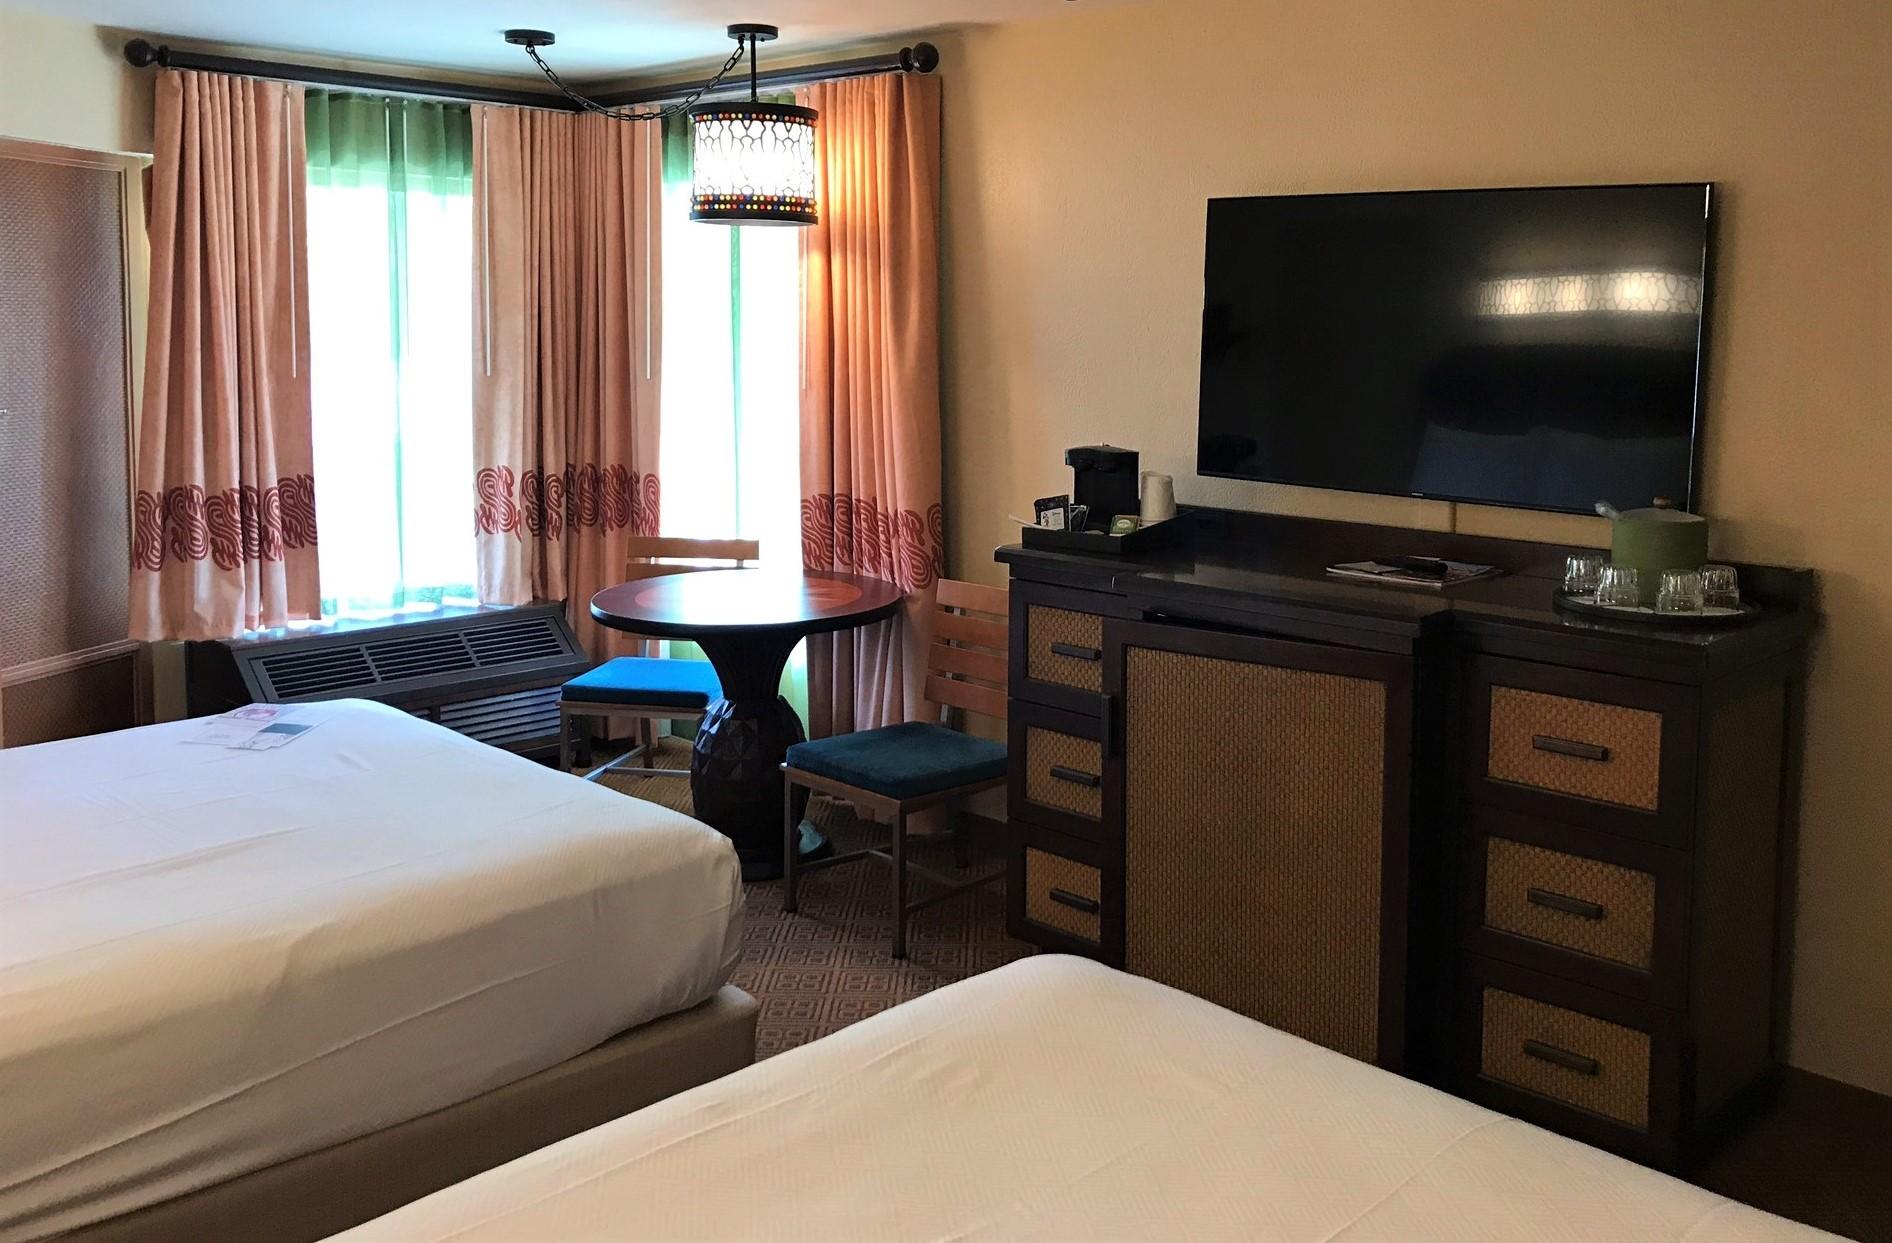 interior resort room